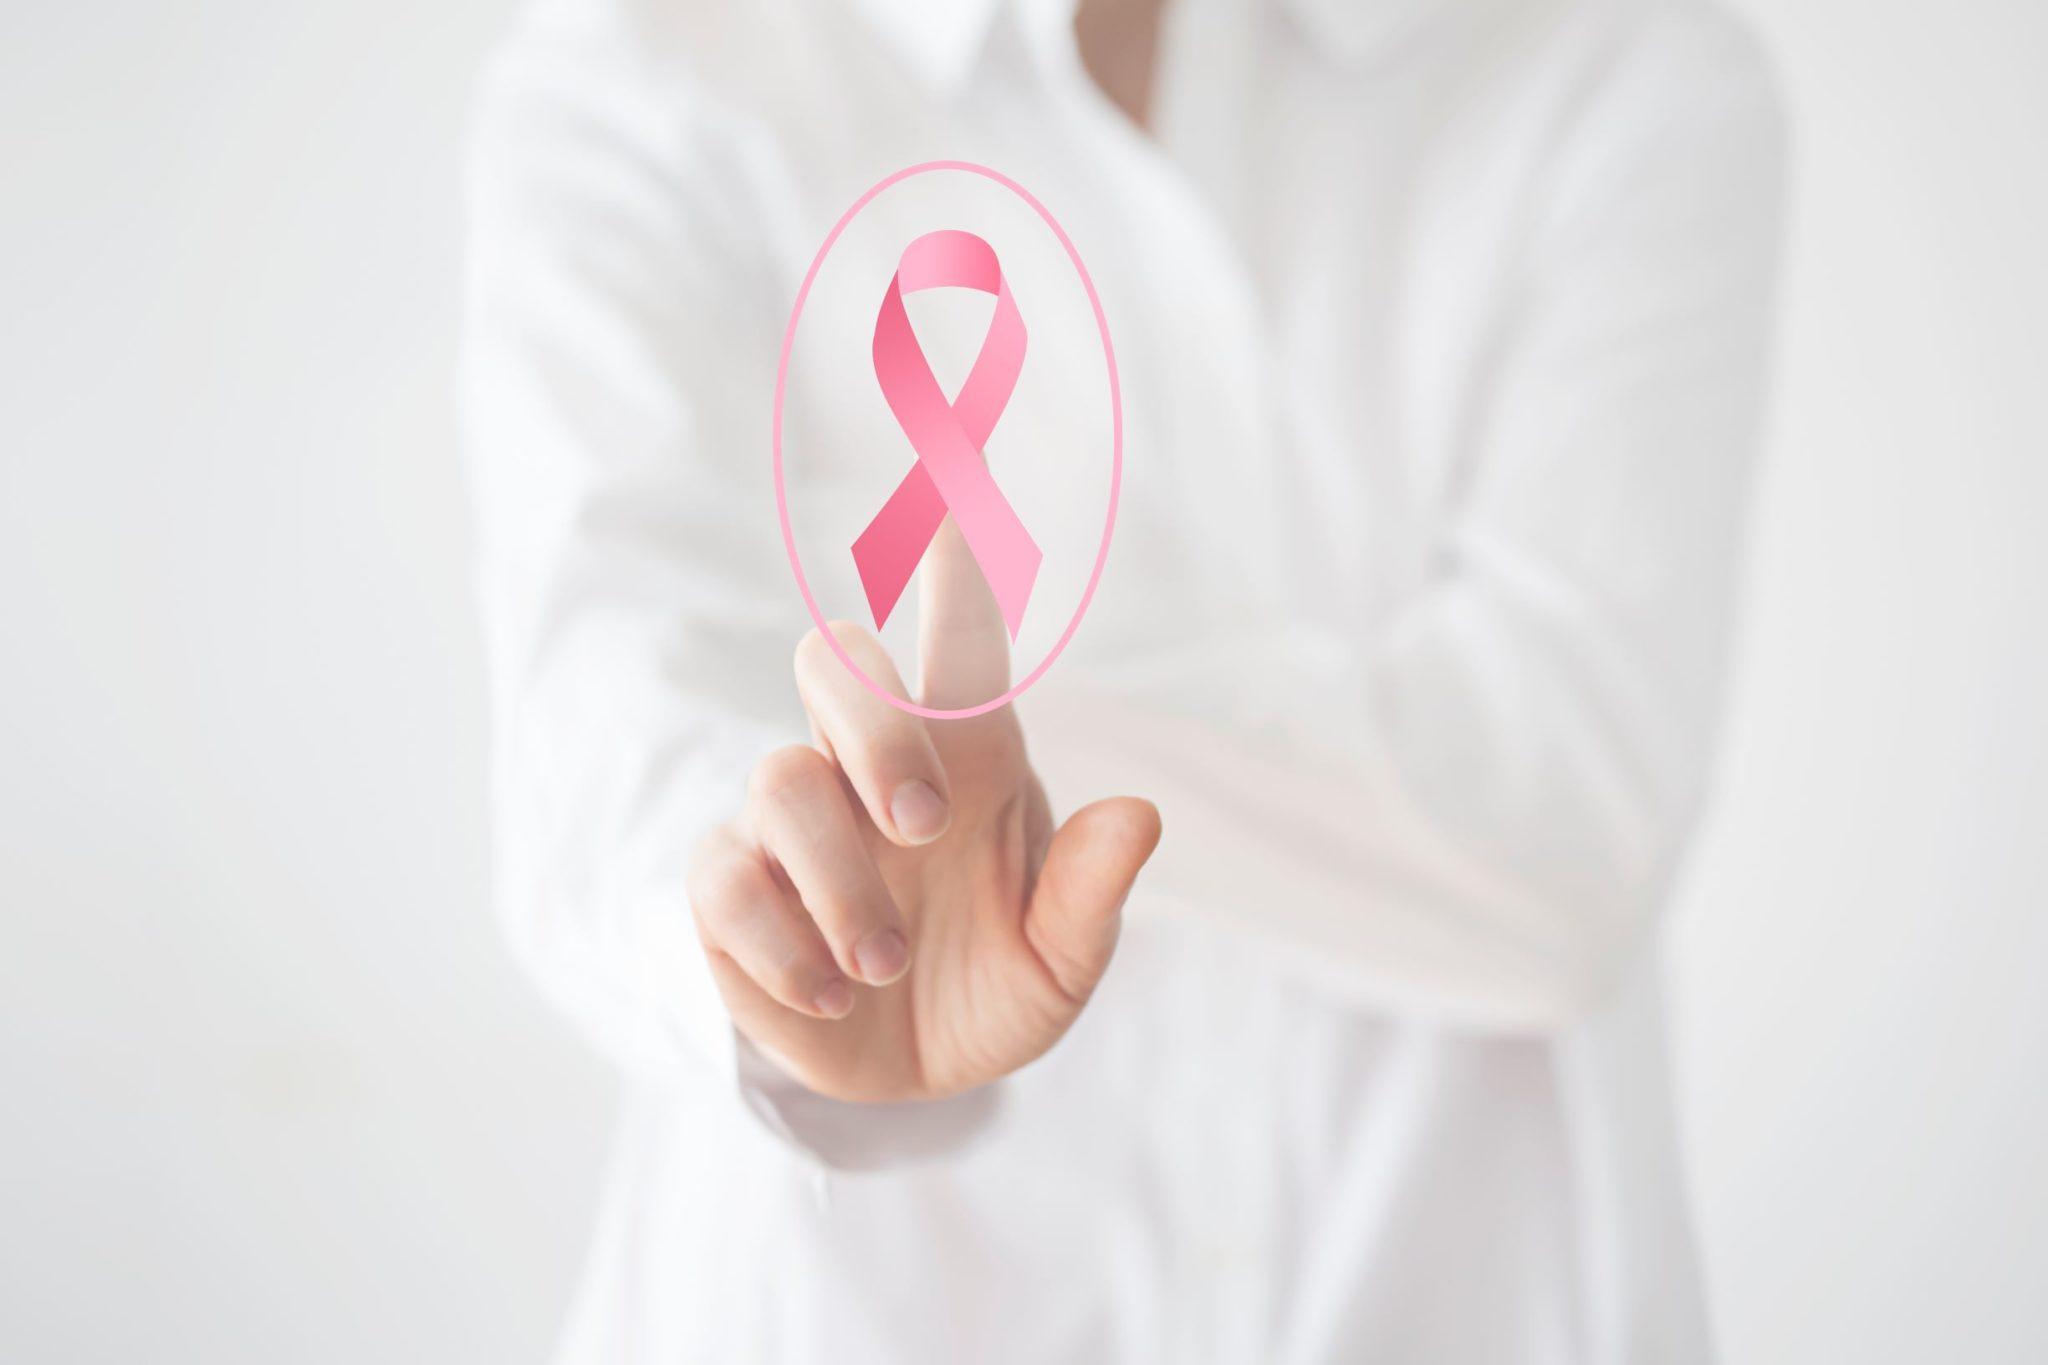 В Республиканском перинатальном центре прошёл День открытых дверей, посвященный профилактике женской онкологии